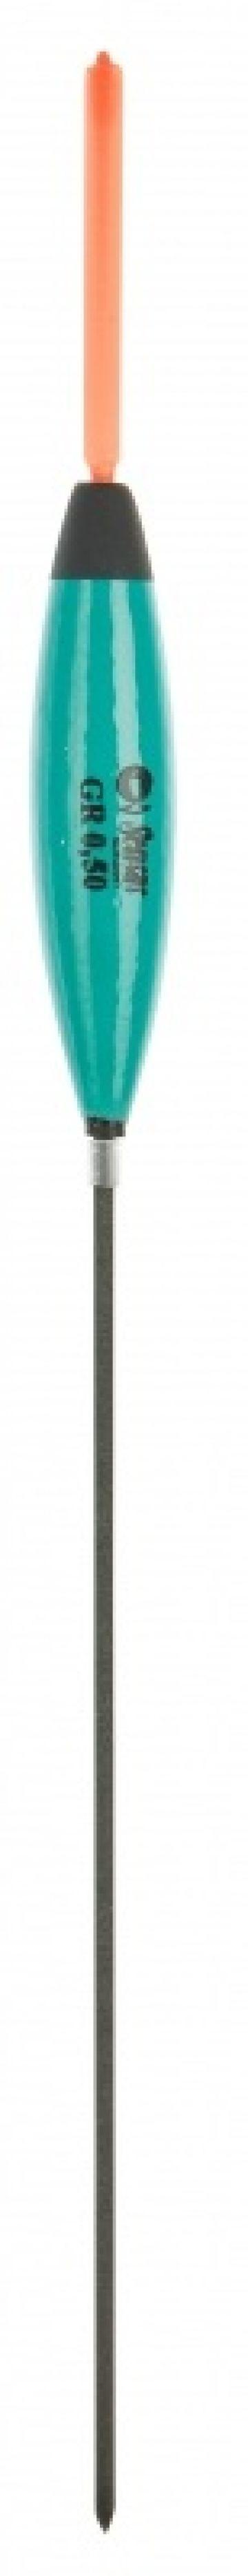 Sensas MAMMOTH PASSANT ALLROUND zwart - groen witvis visdobber 0.80g